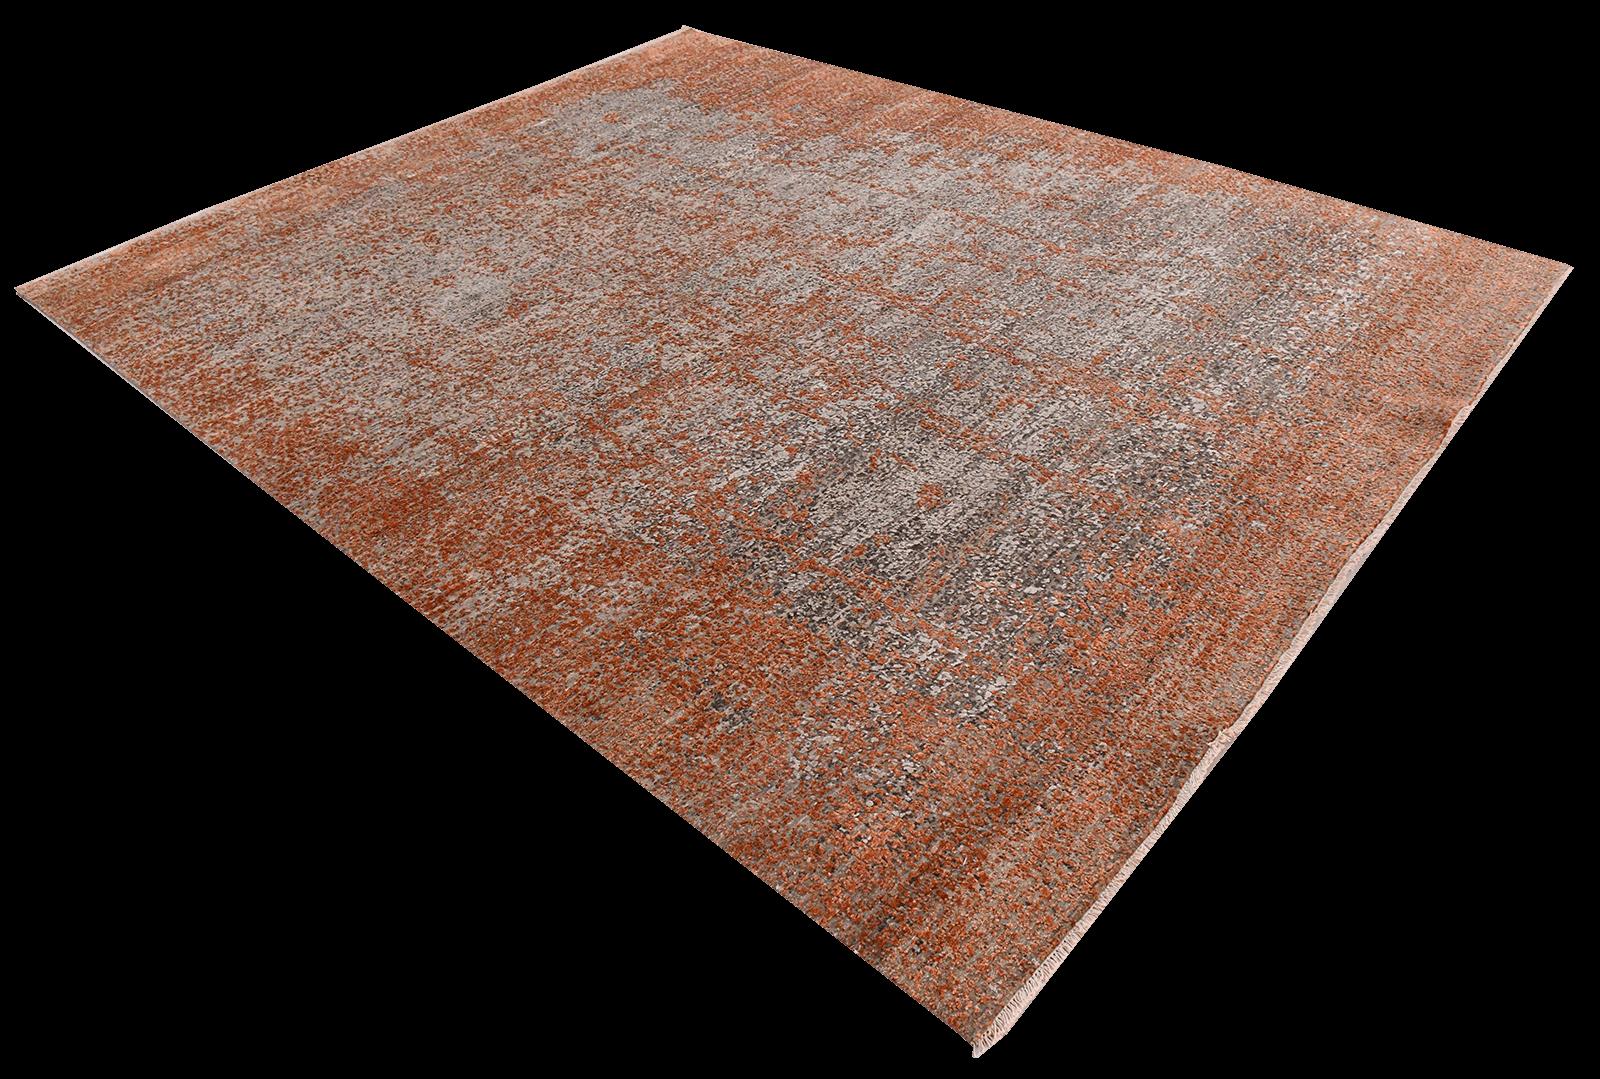 bentayga-design-tapijt-luxe-moderne-exclusieve-design-tapijten-luxe-vloerkleden-zijde-roest-goud-oranje-creme-300x241-koreman-maastricht-4253-schuin